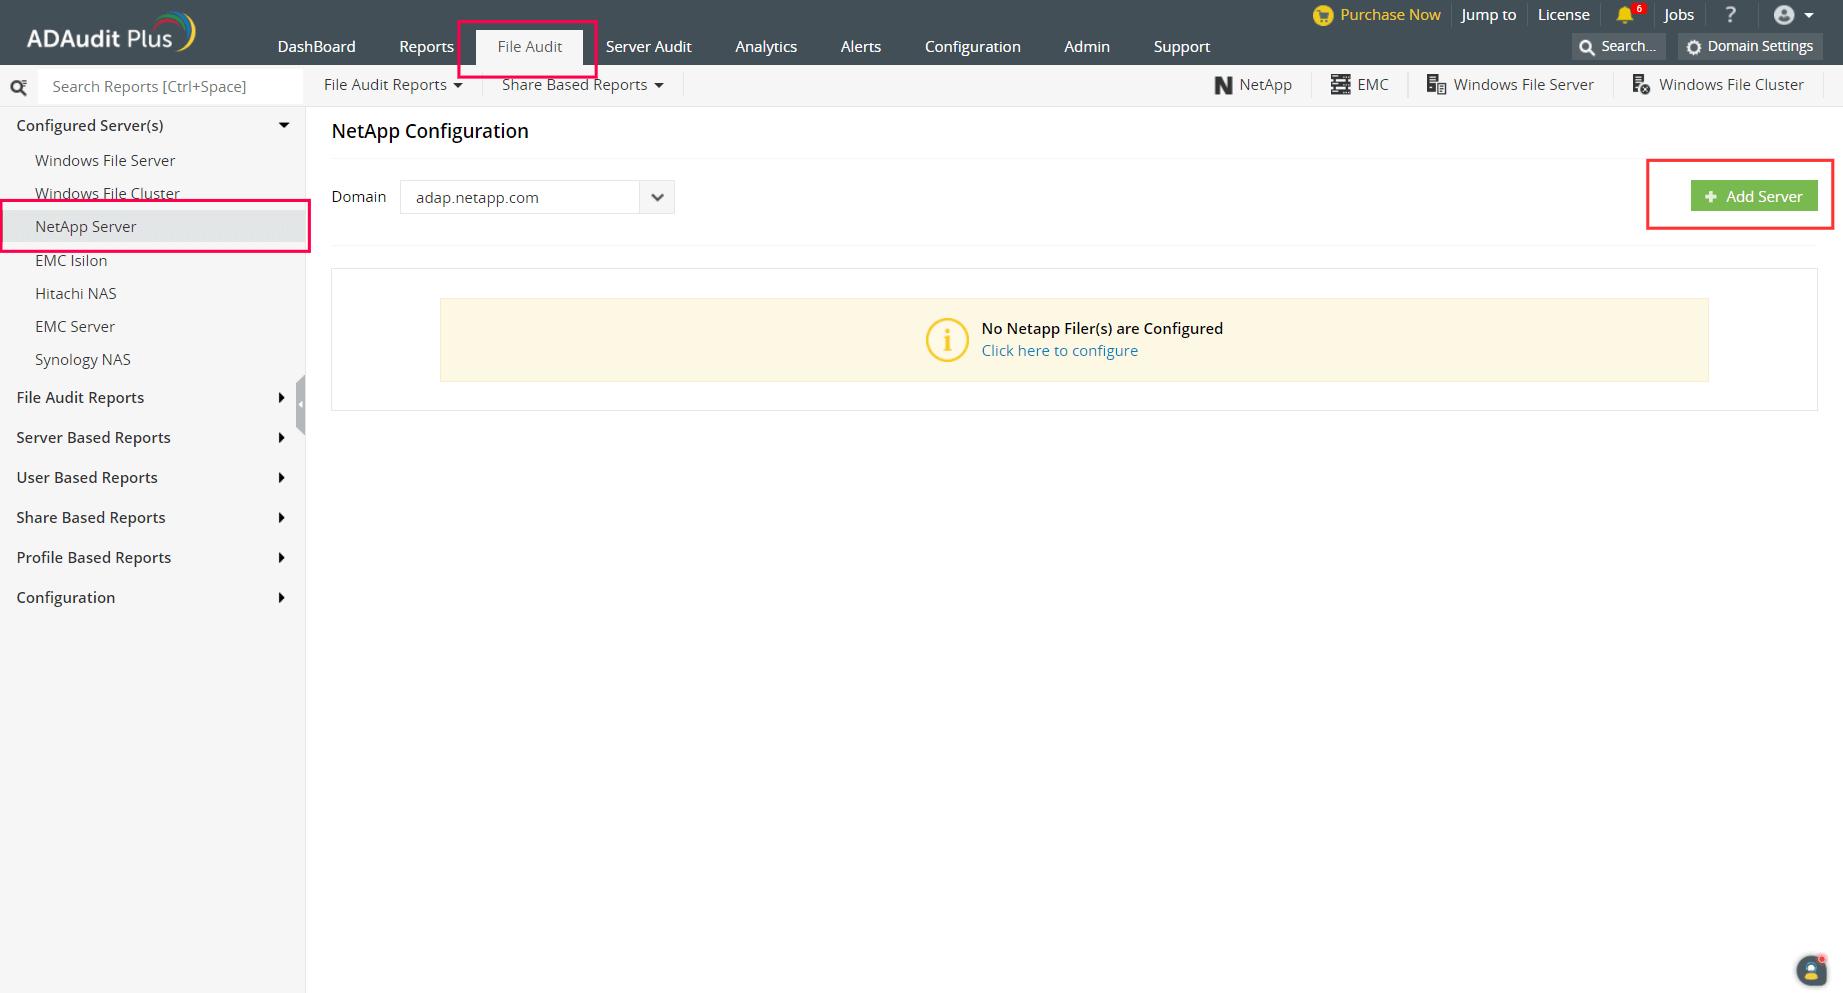 Choosing the NetApp server